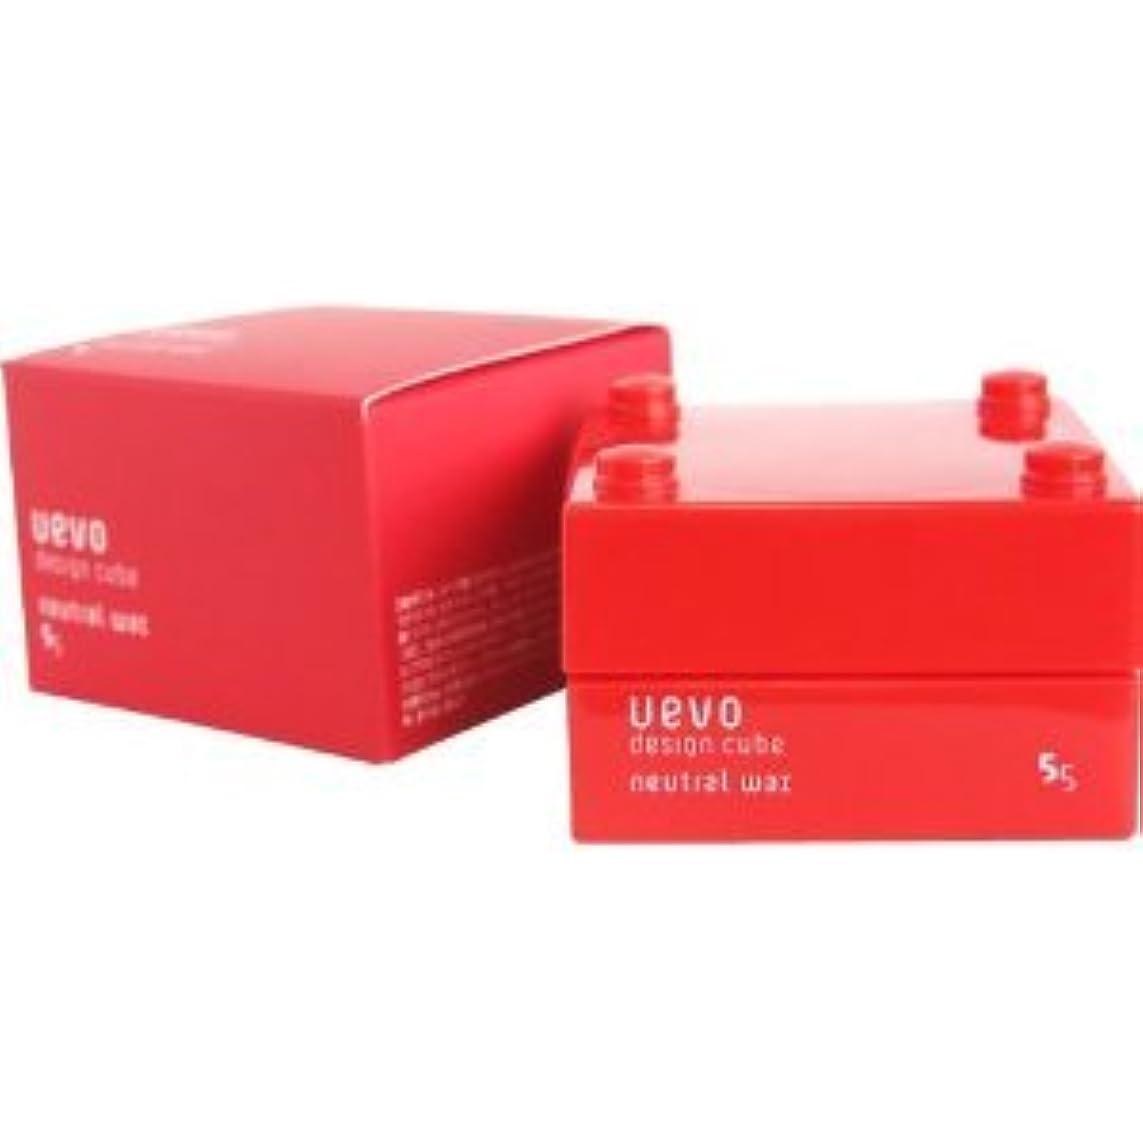 輸送過ち販売計画【X2個セット】 デミ ウェーボ デザインキューブ ニュートラルワックス 30g neutral wax DEMI uevo design cube